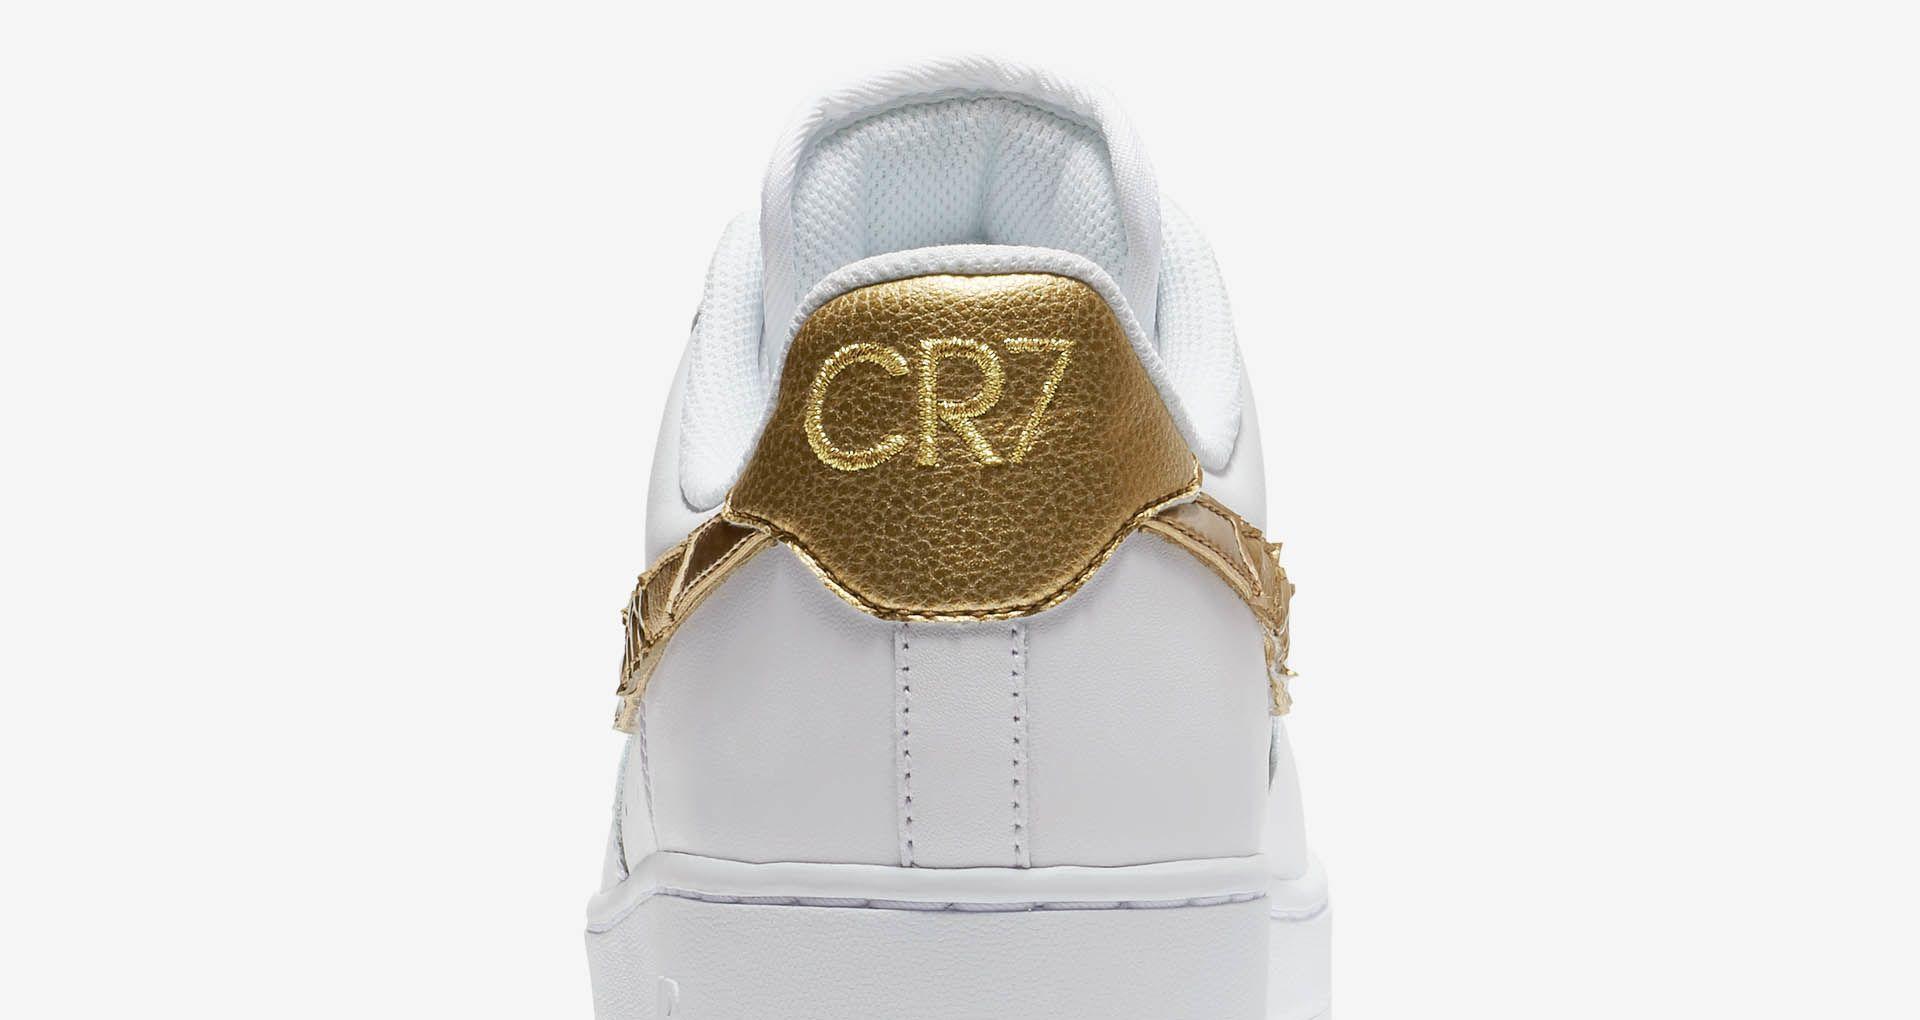 Air Patchwork « Date 1 » La Nike Cr7 Force De Sortie Golden rdCBoxe